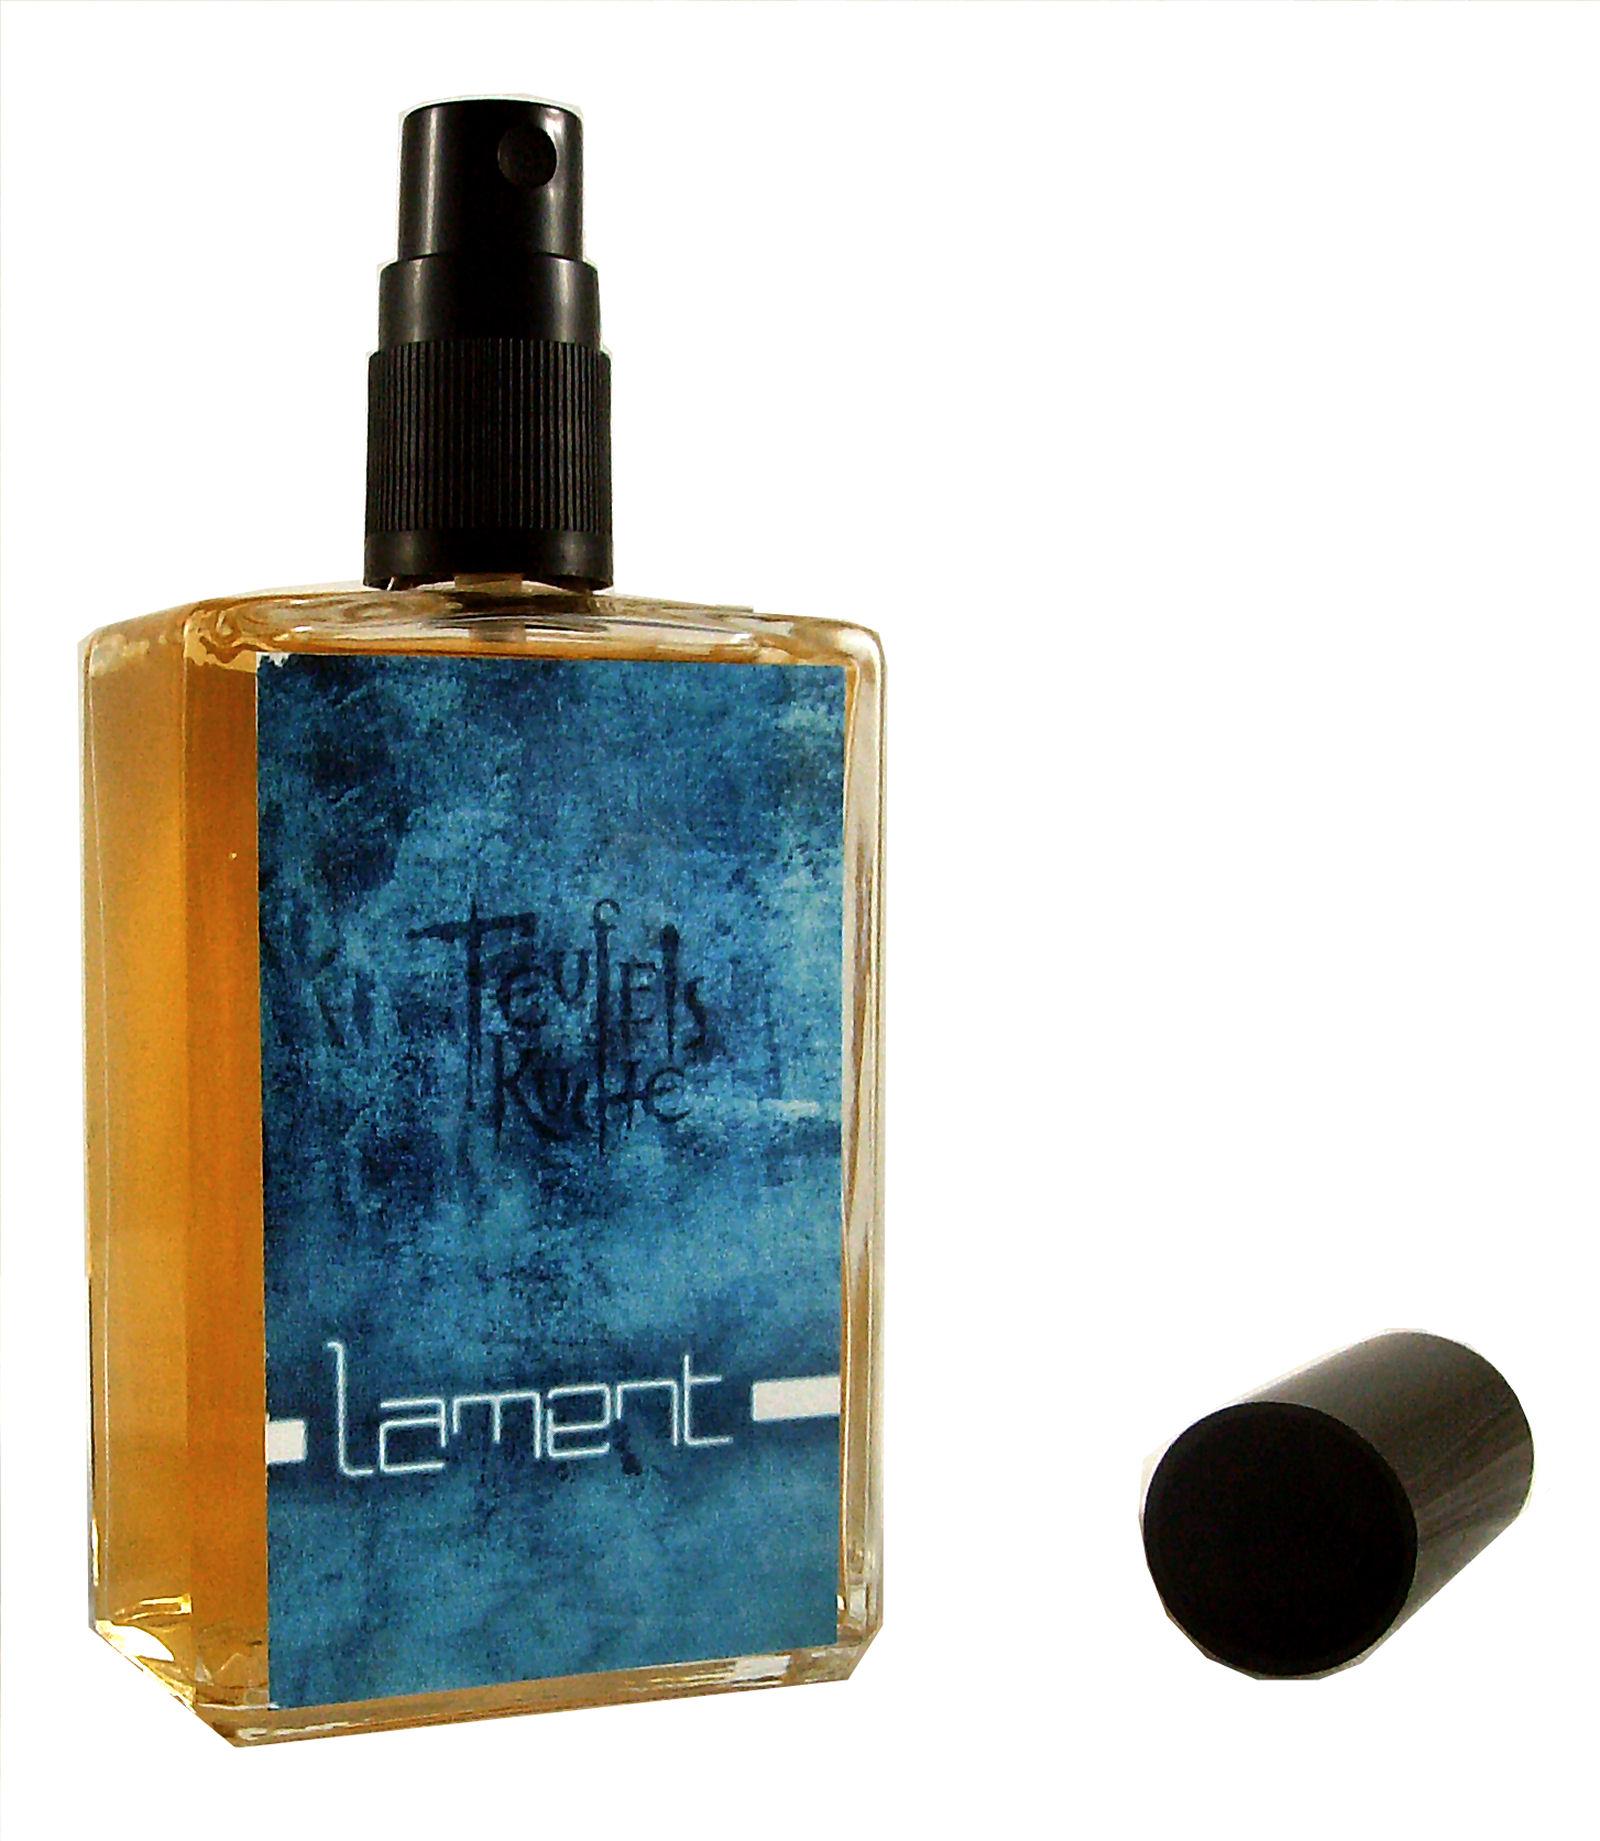 Eau de Parfüm, Lament, 100 ml